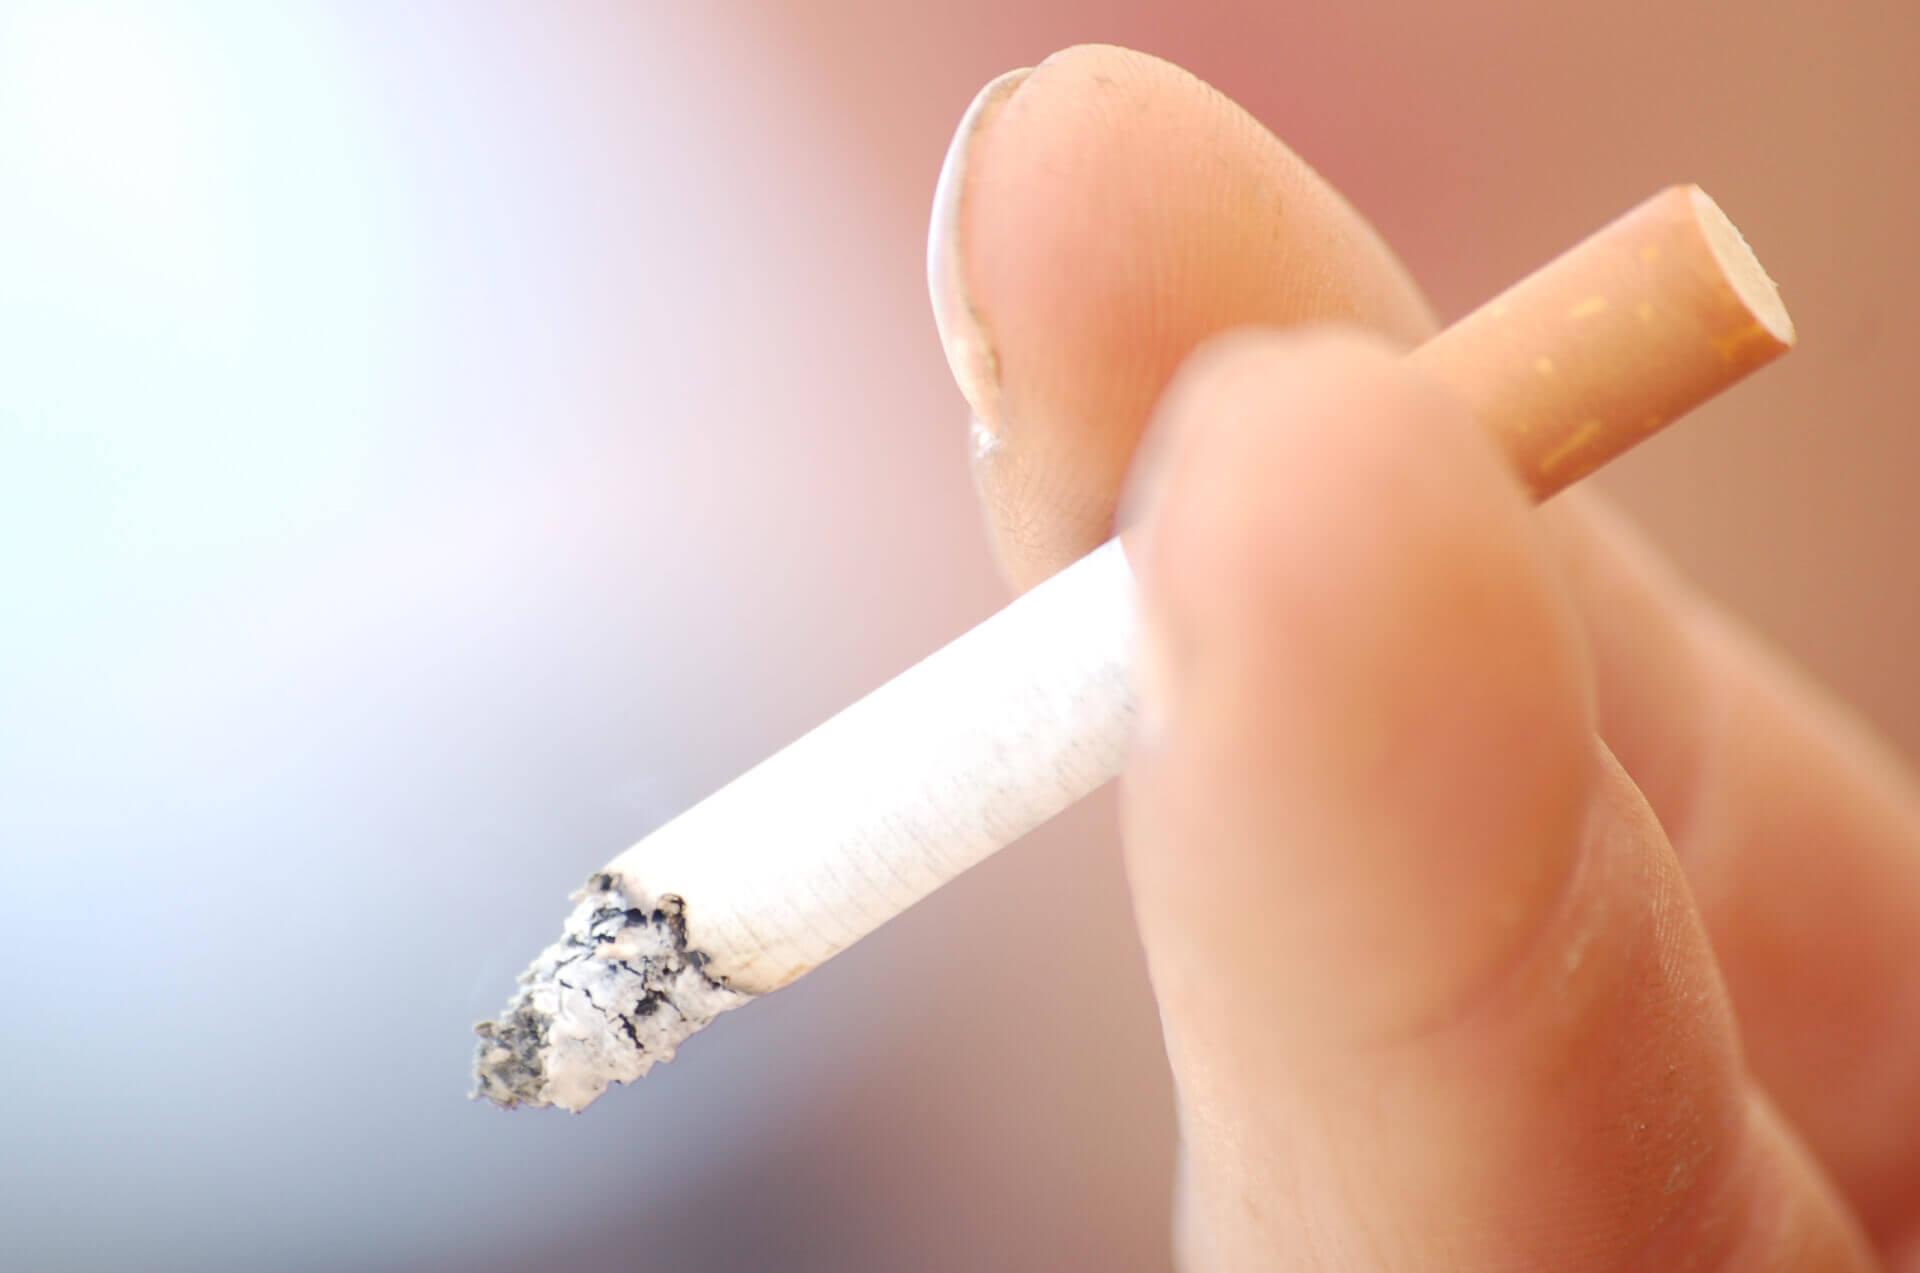 Afbeeldingsresultaat voor roken